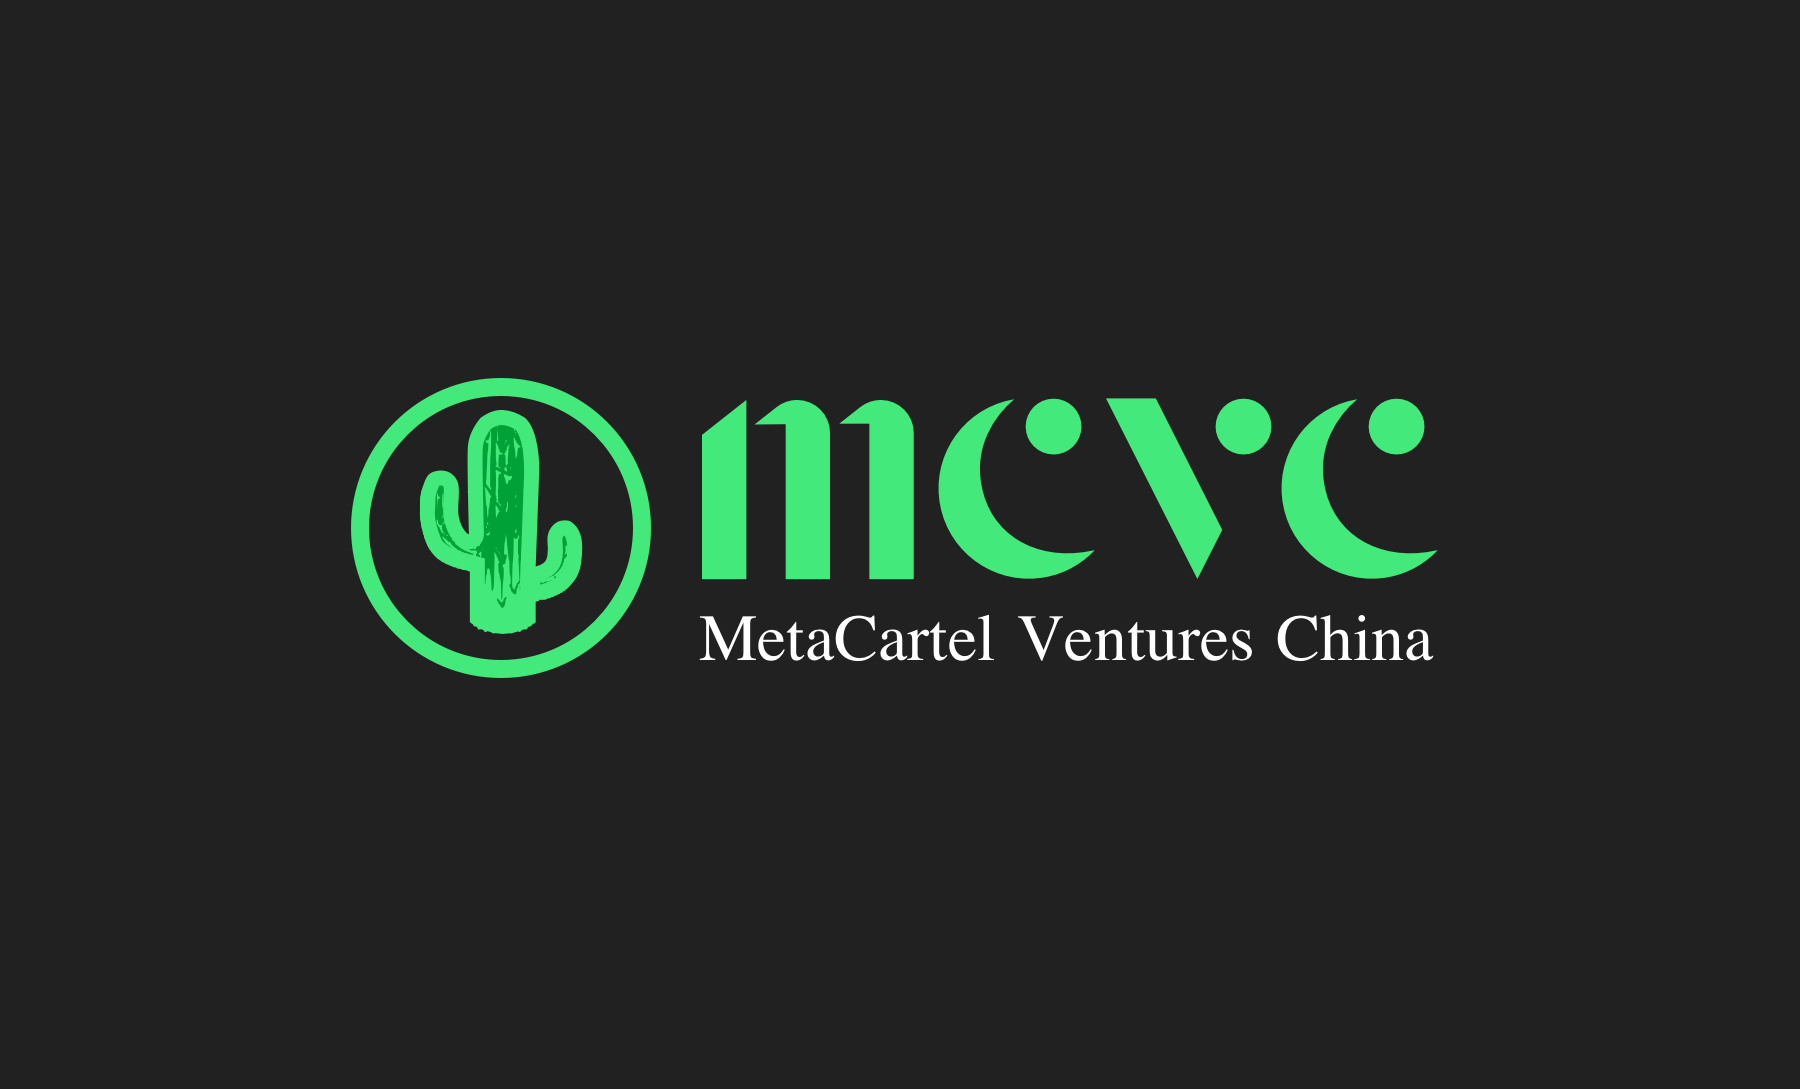 Story of MetaCartel Ventures China